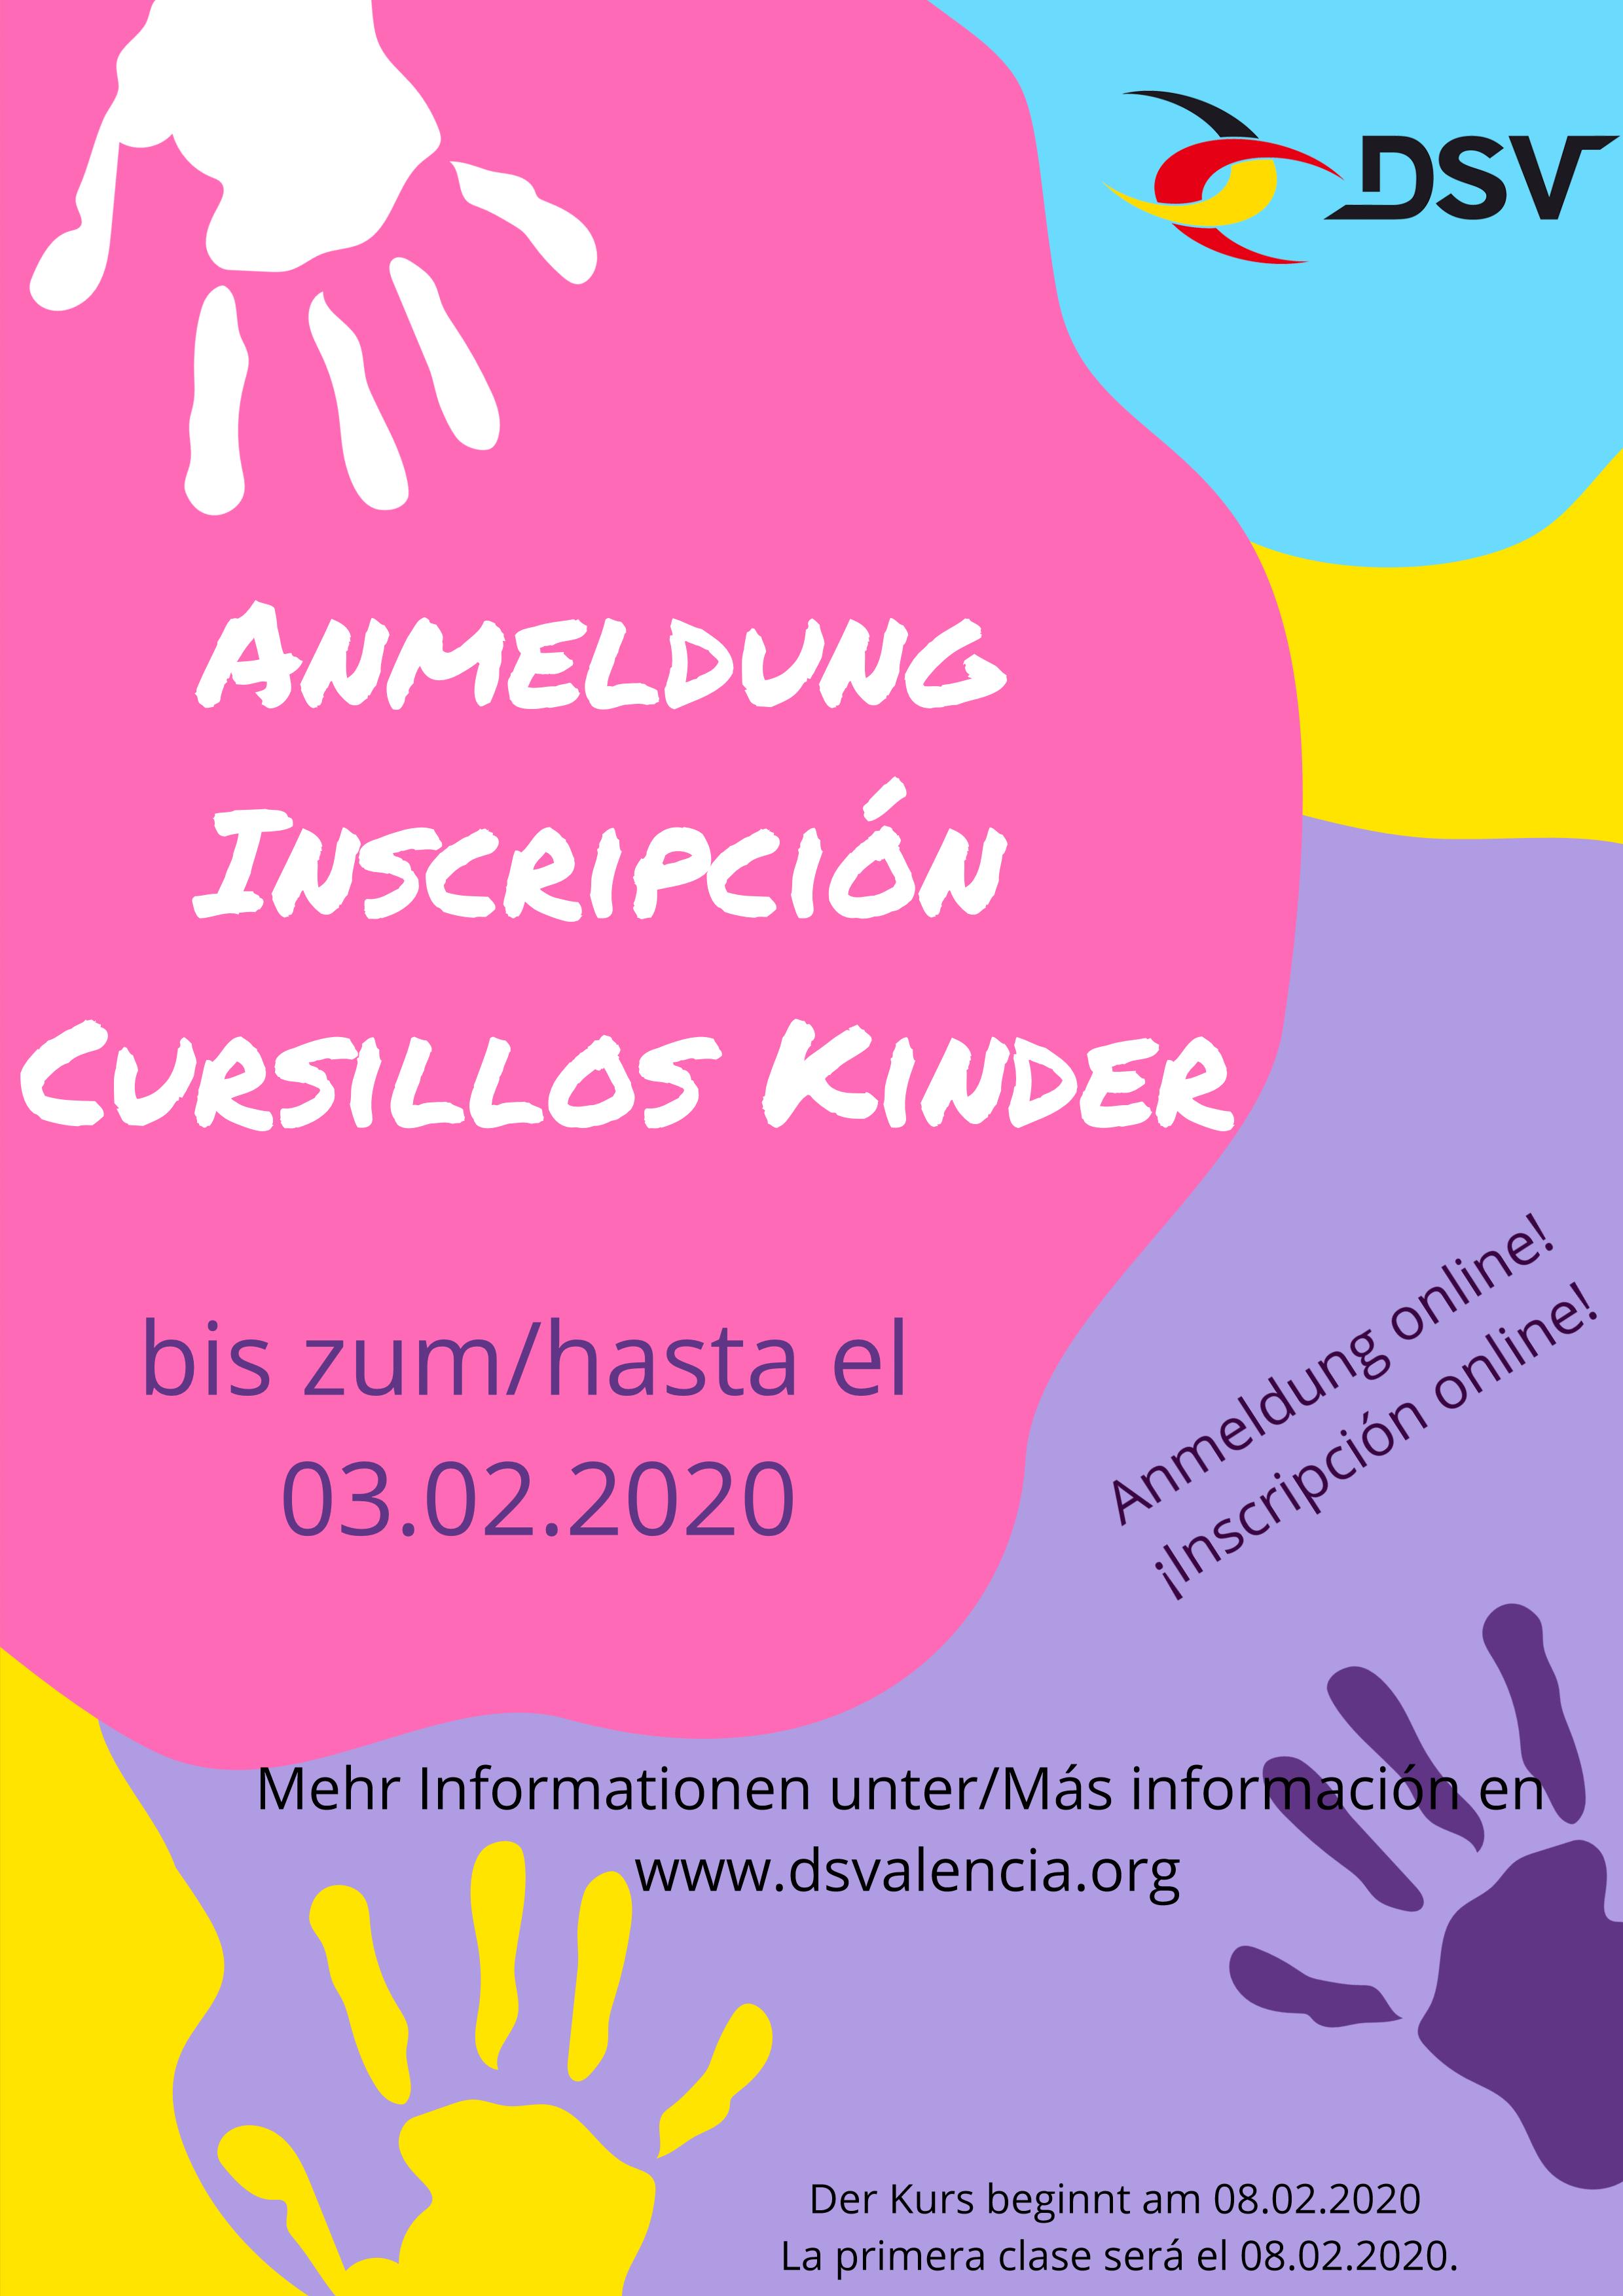 anmeldung_cursillos_kinder_fertig